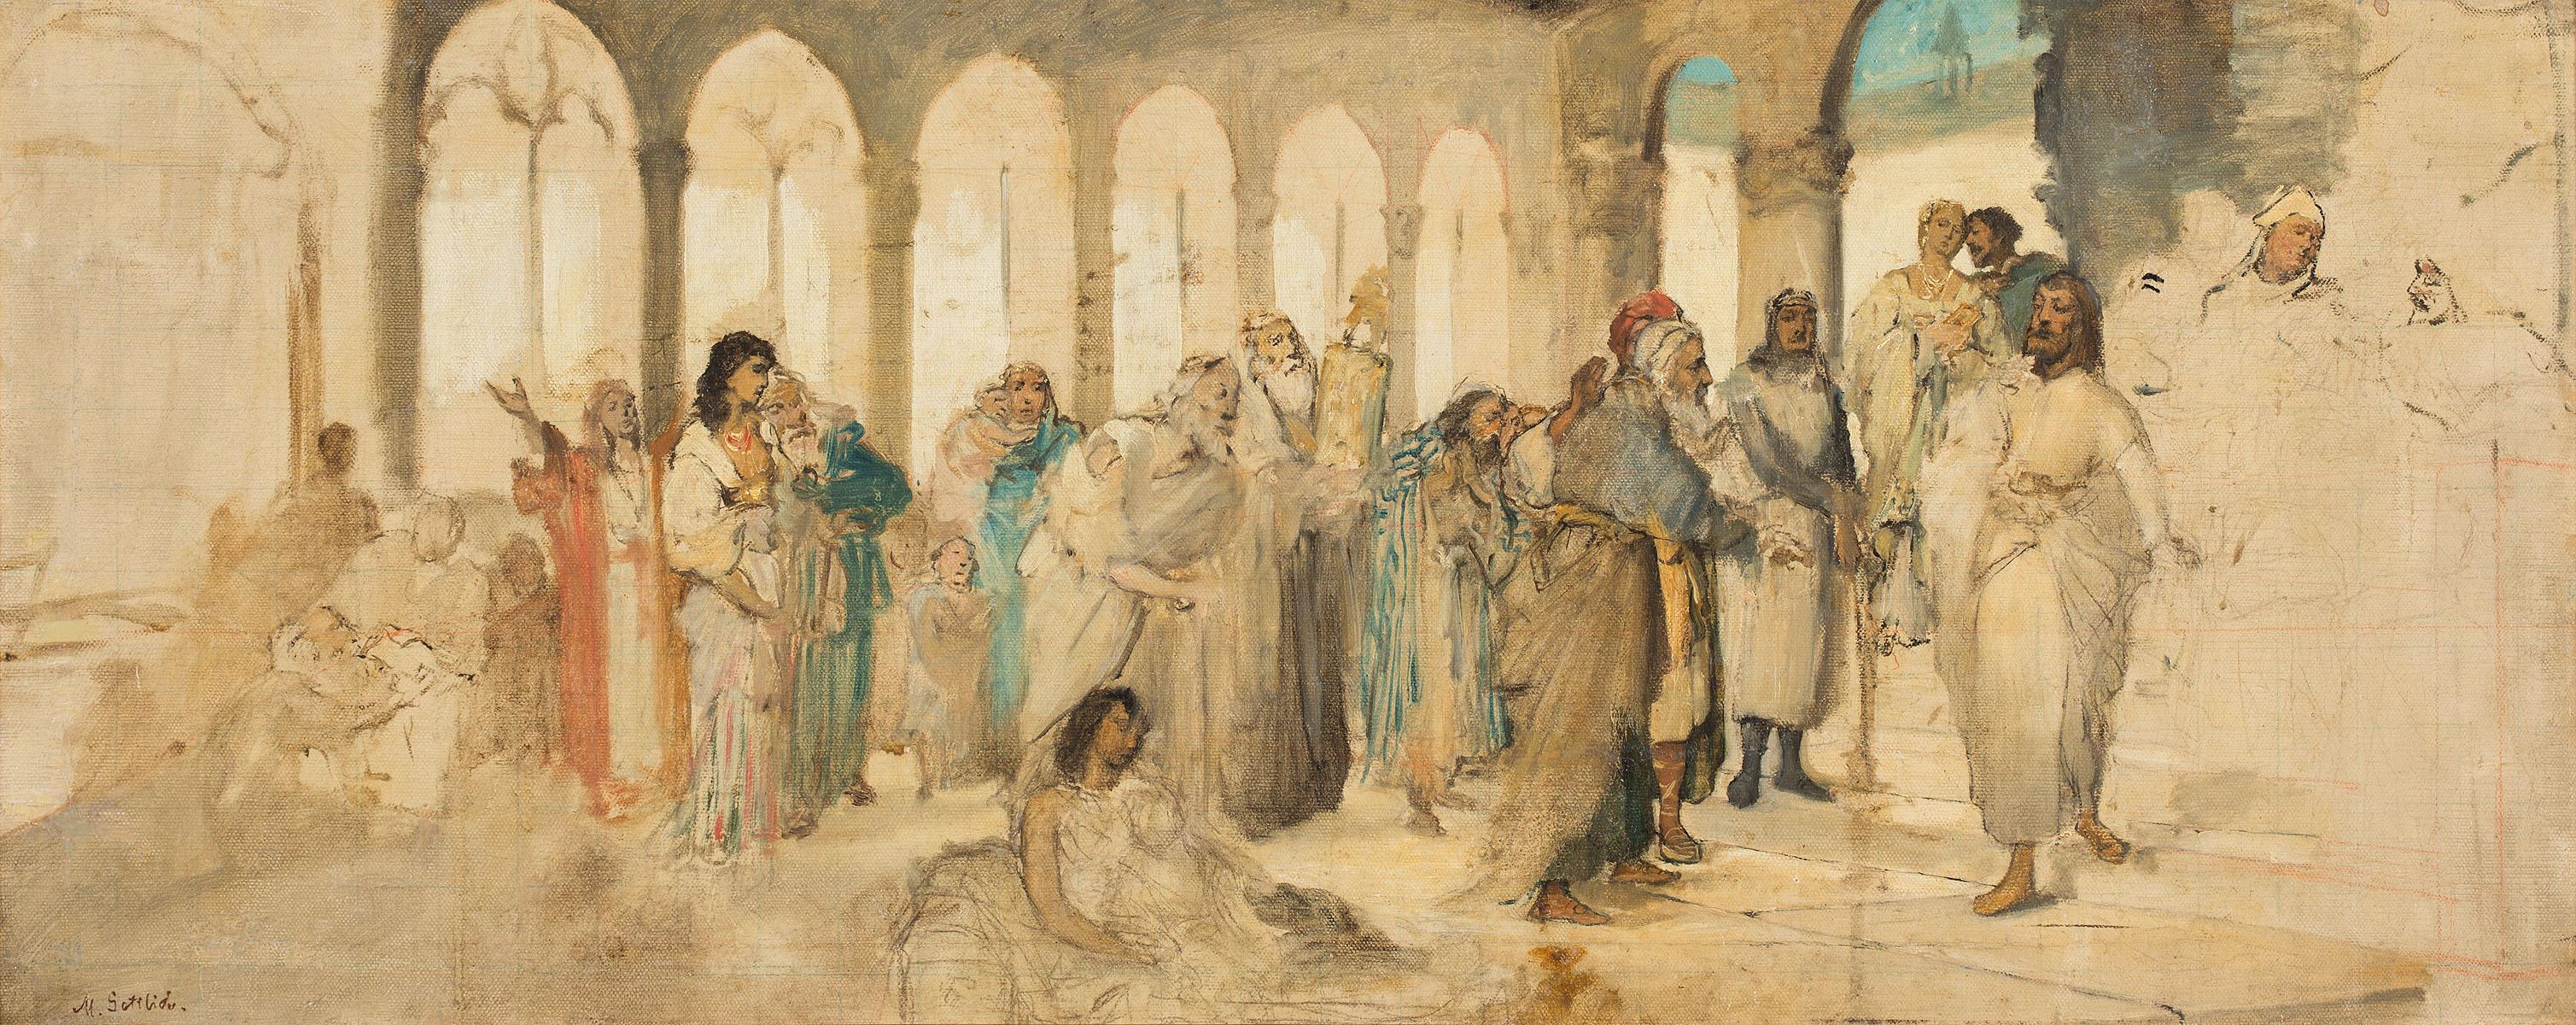 """Maurycy Gottlieb """"Chrystus w świątyni"""", źródło: Polswiss Art"""